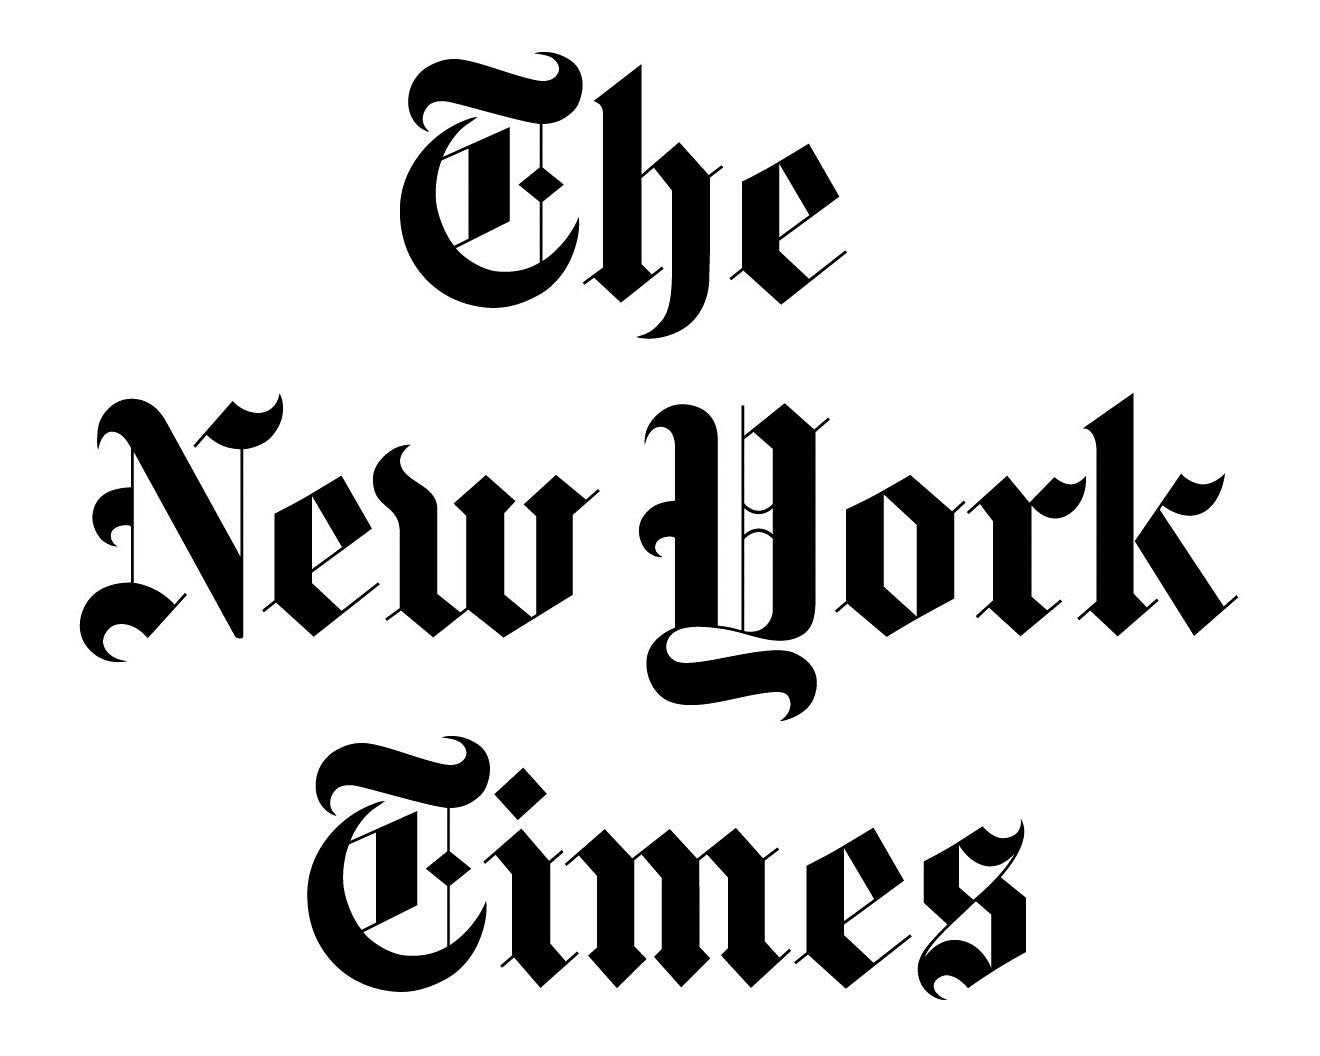 New-York-Times-Julian-Cordero-Cordero-Law